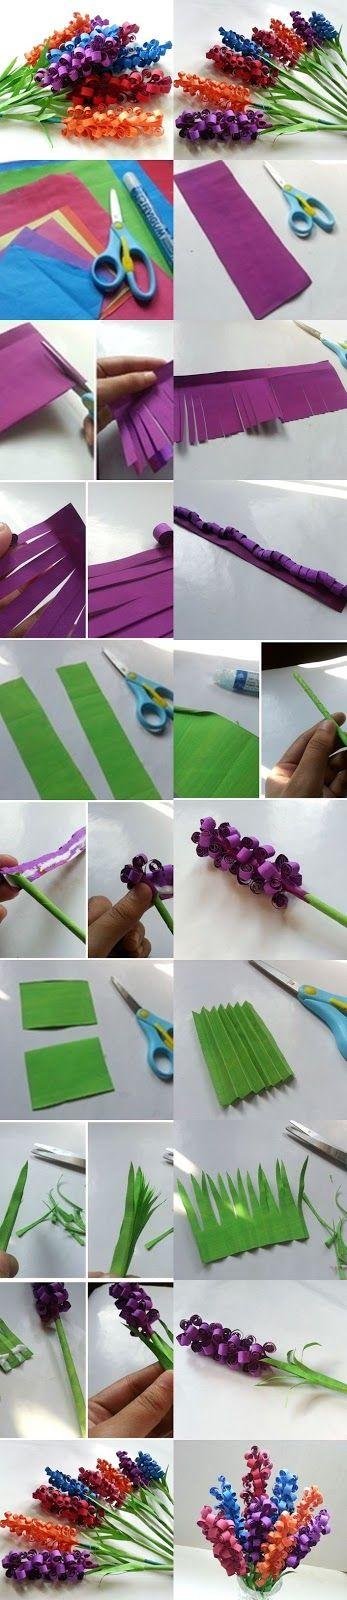 Con este tutorial aprenderemos ha hacer flores de papel para adornar centros o fiestas. Además tienen una forma original y combinando vario...